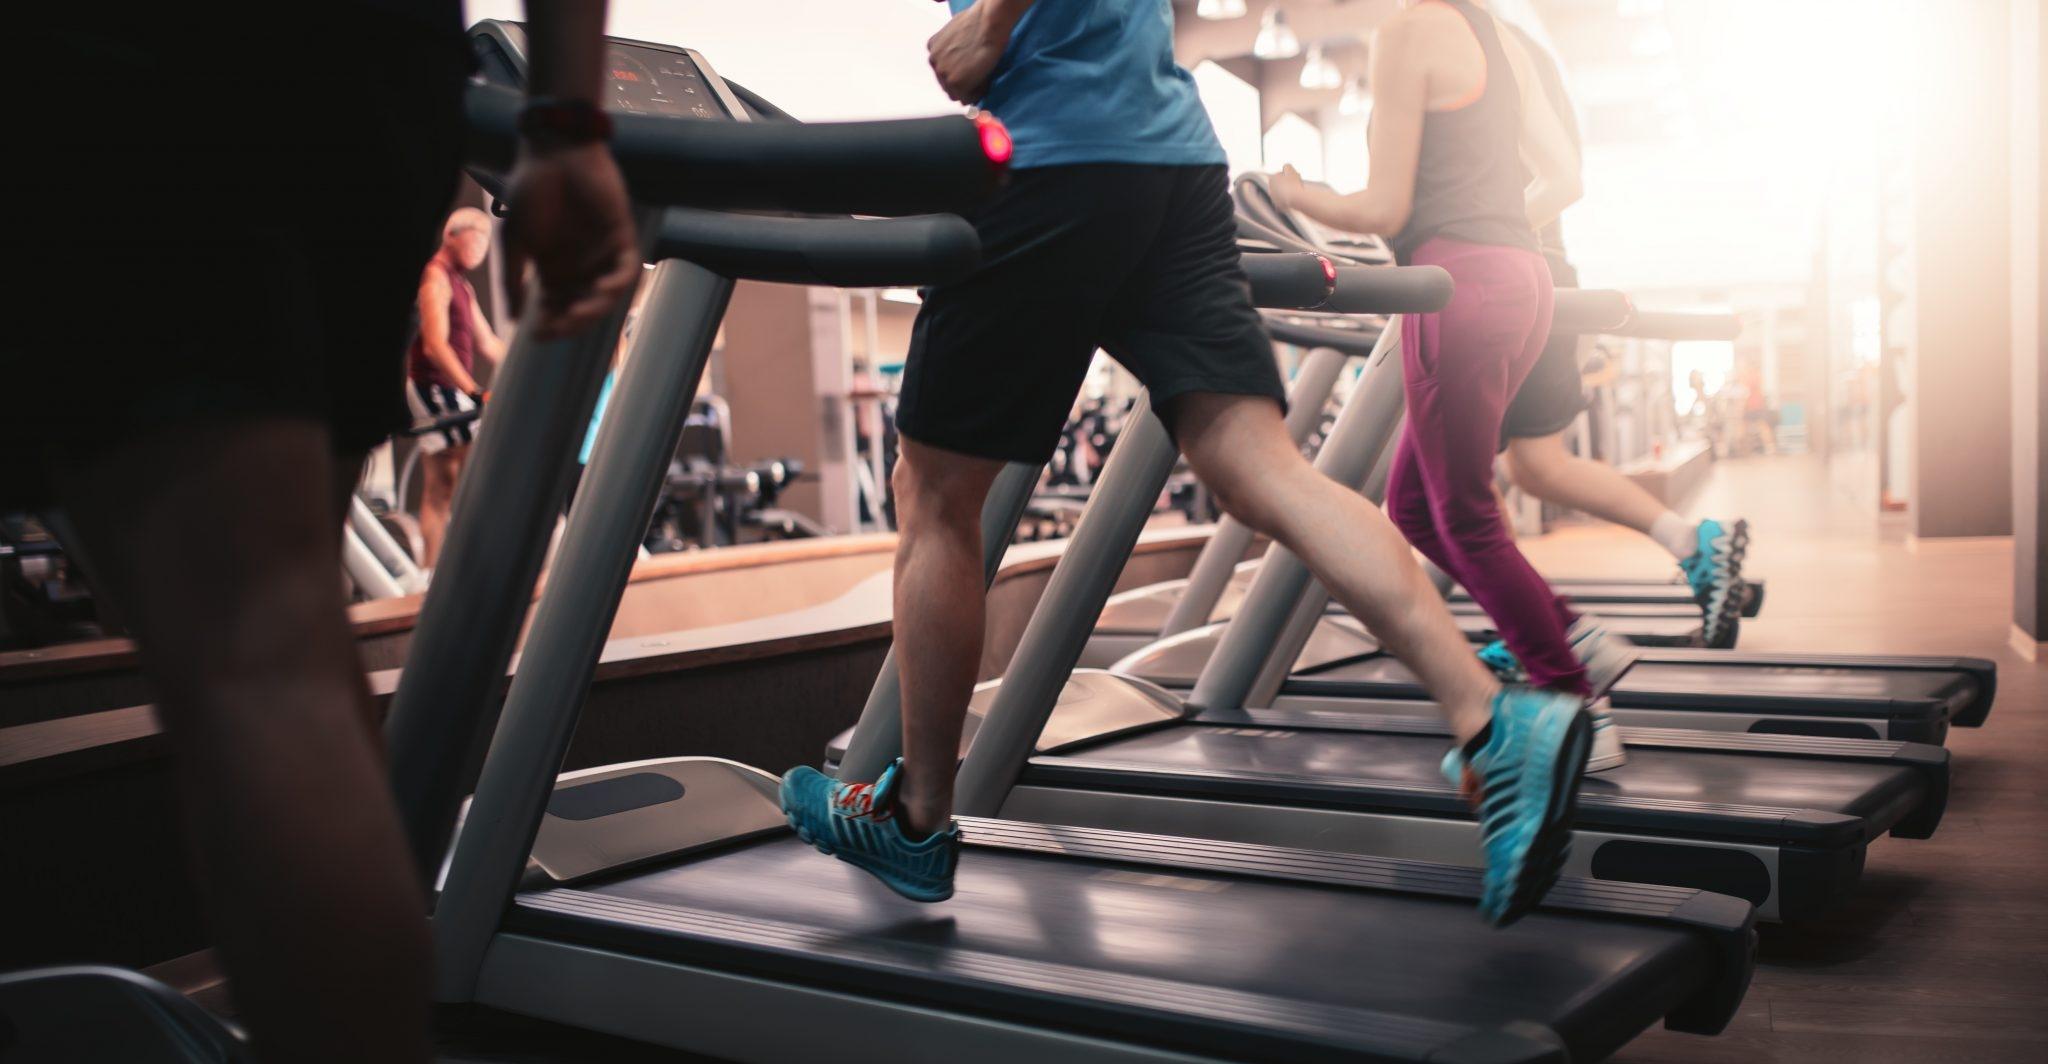 Sportler auf Laufbändern